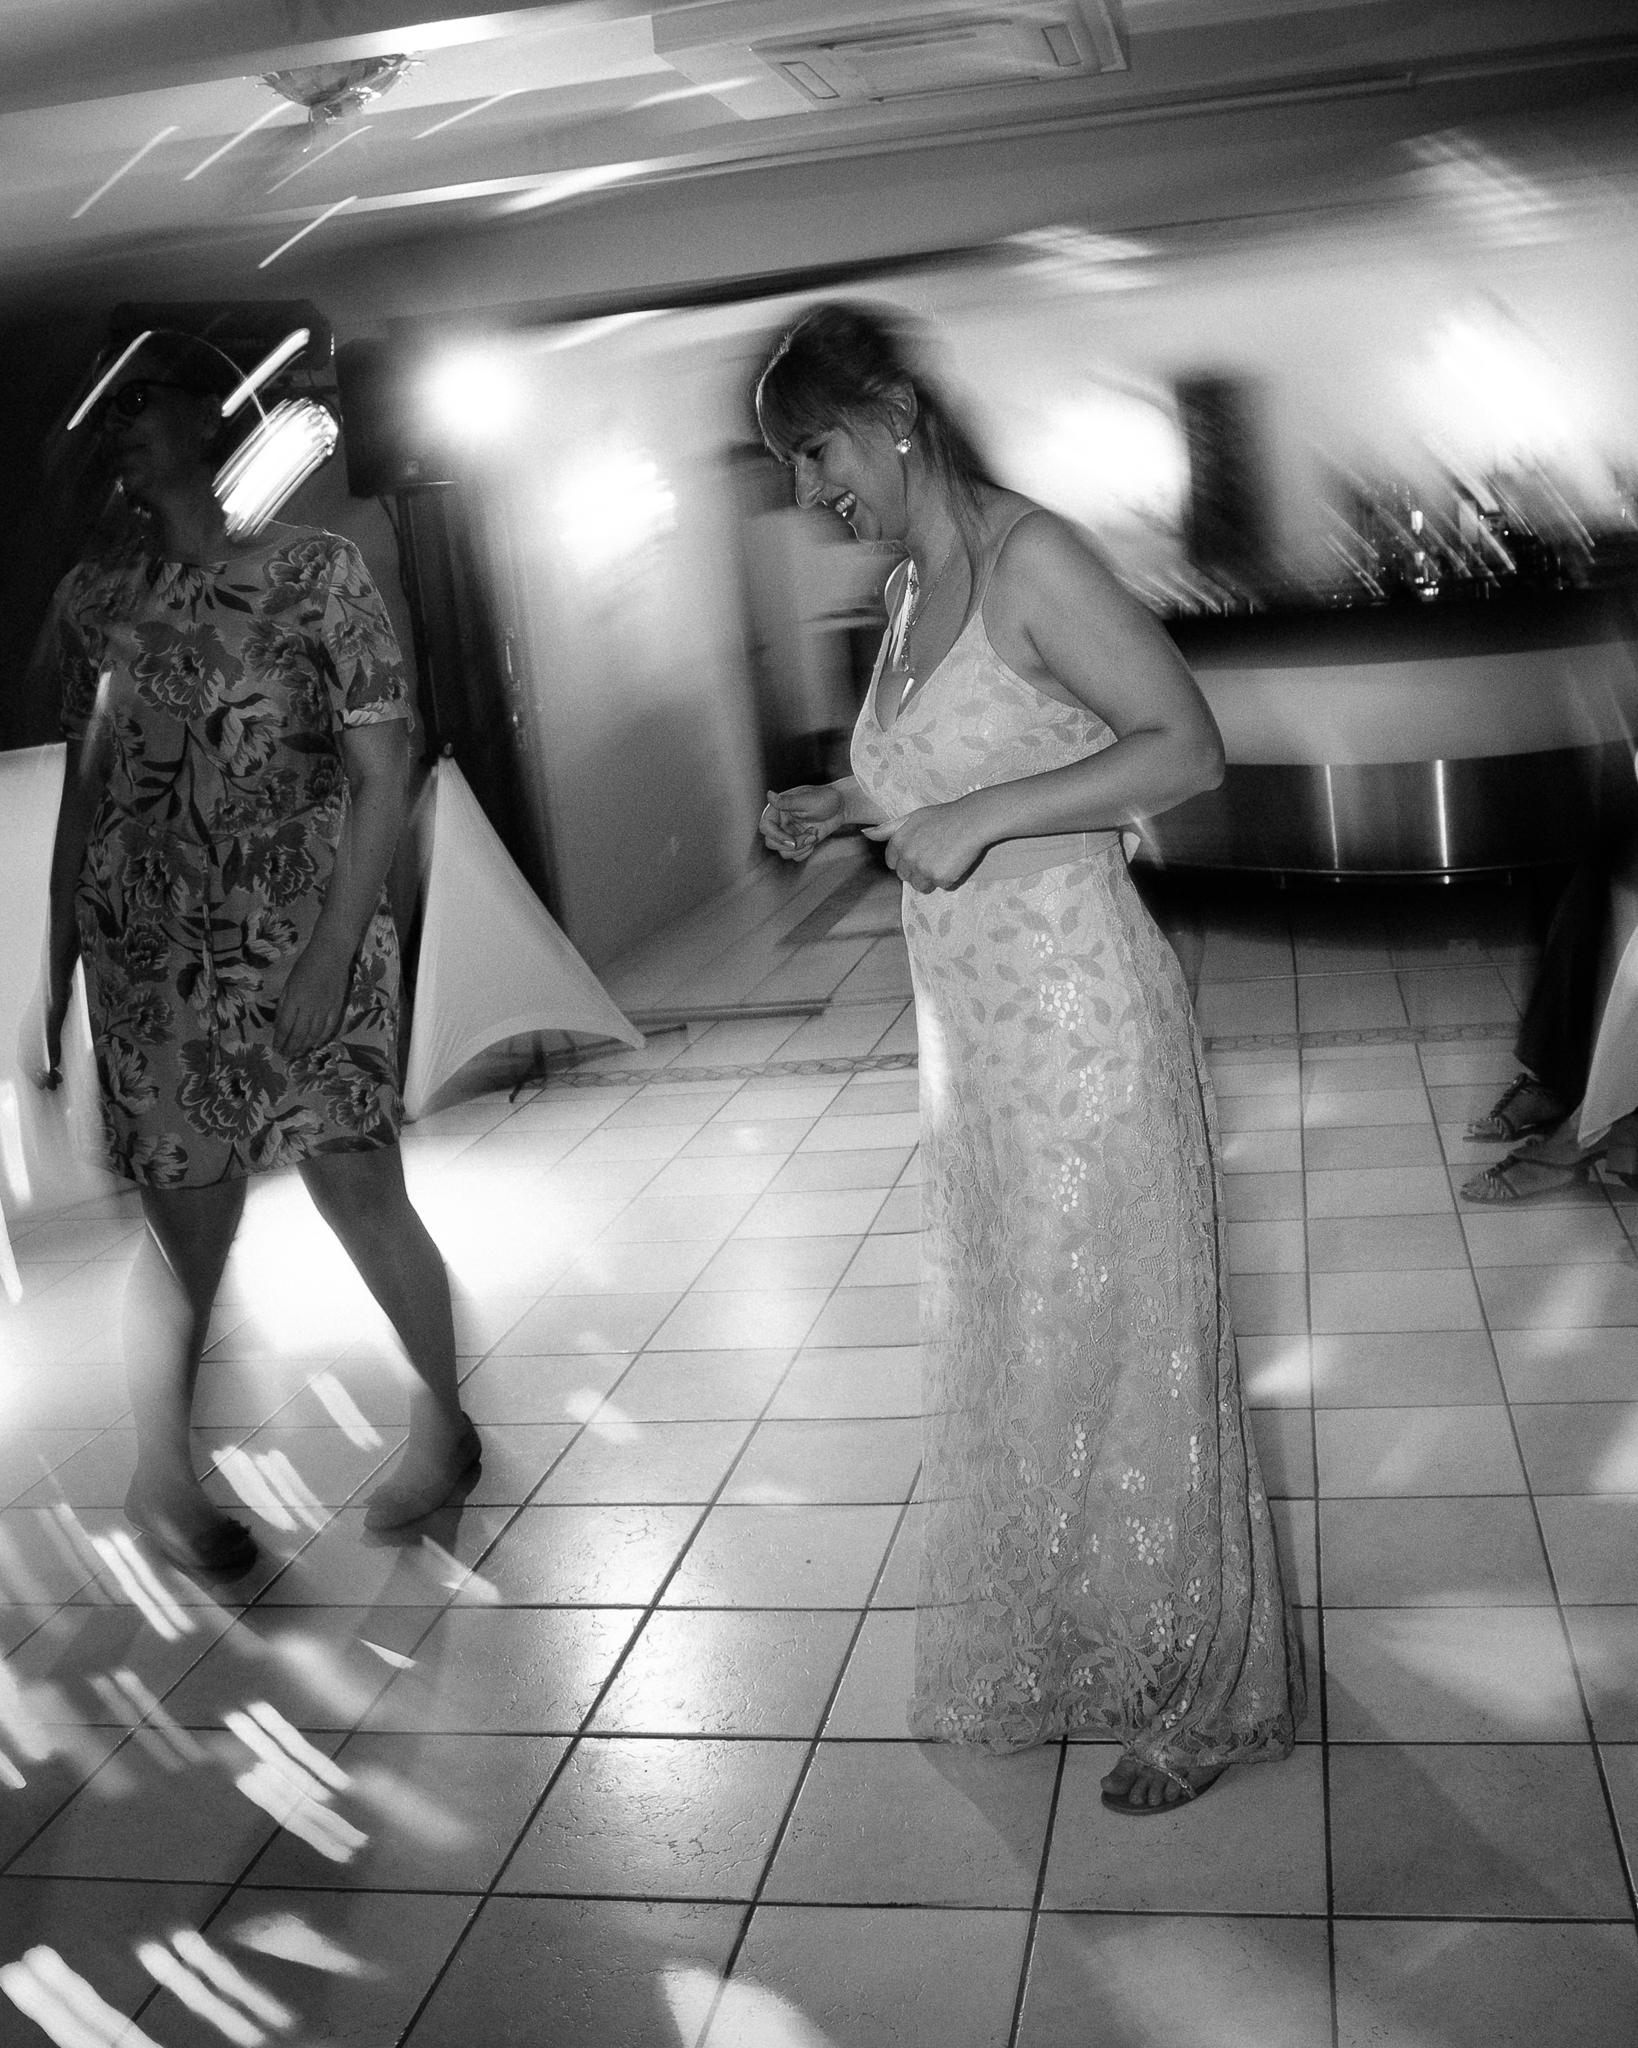 Partyfoto Langzeitbelichtung